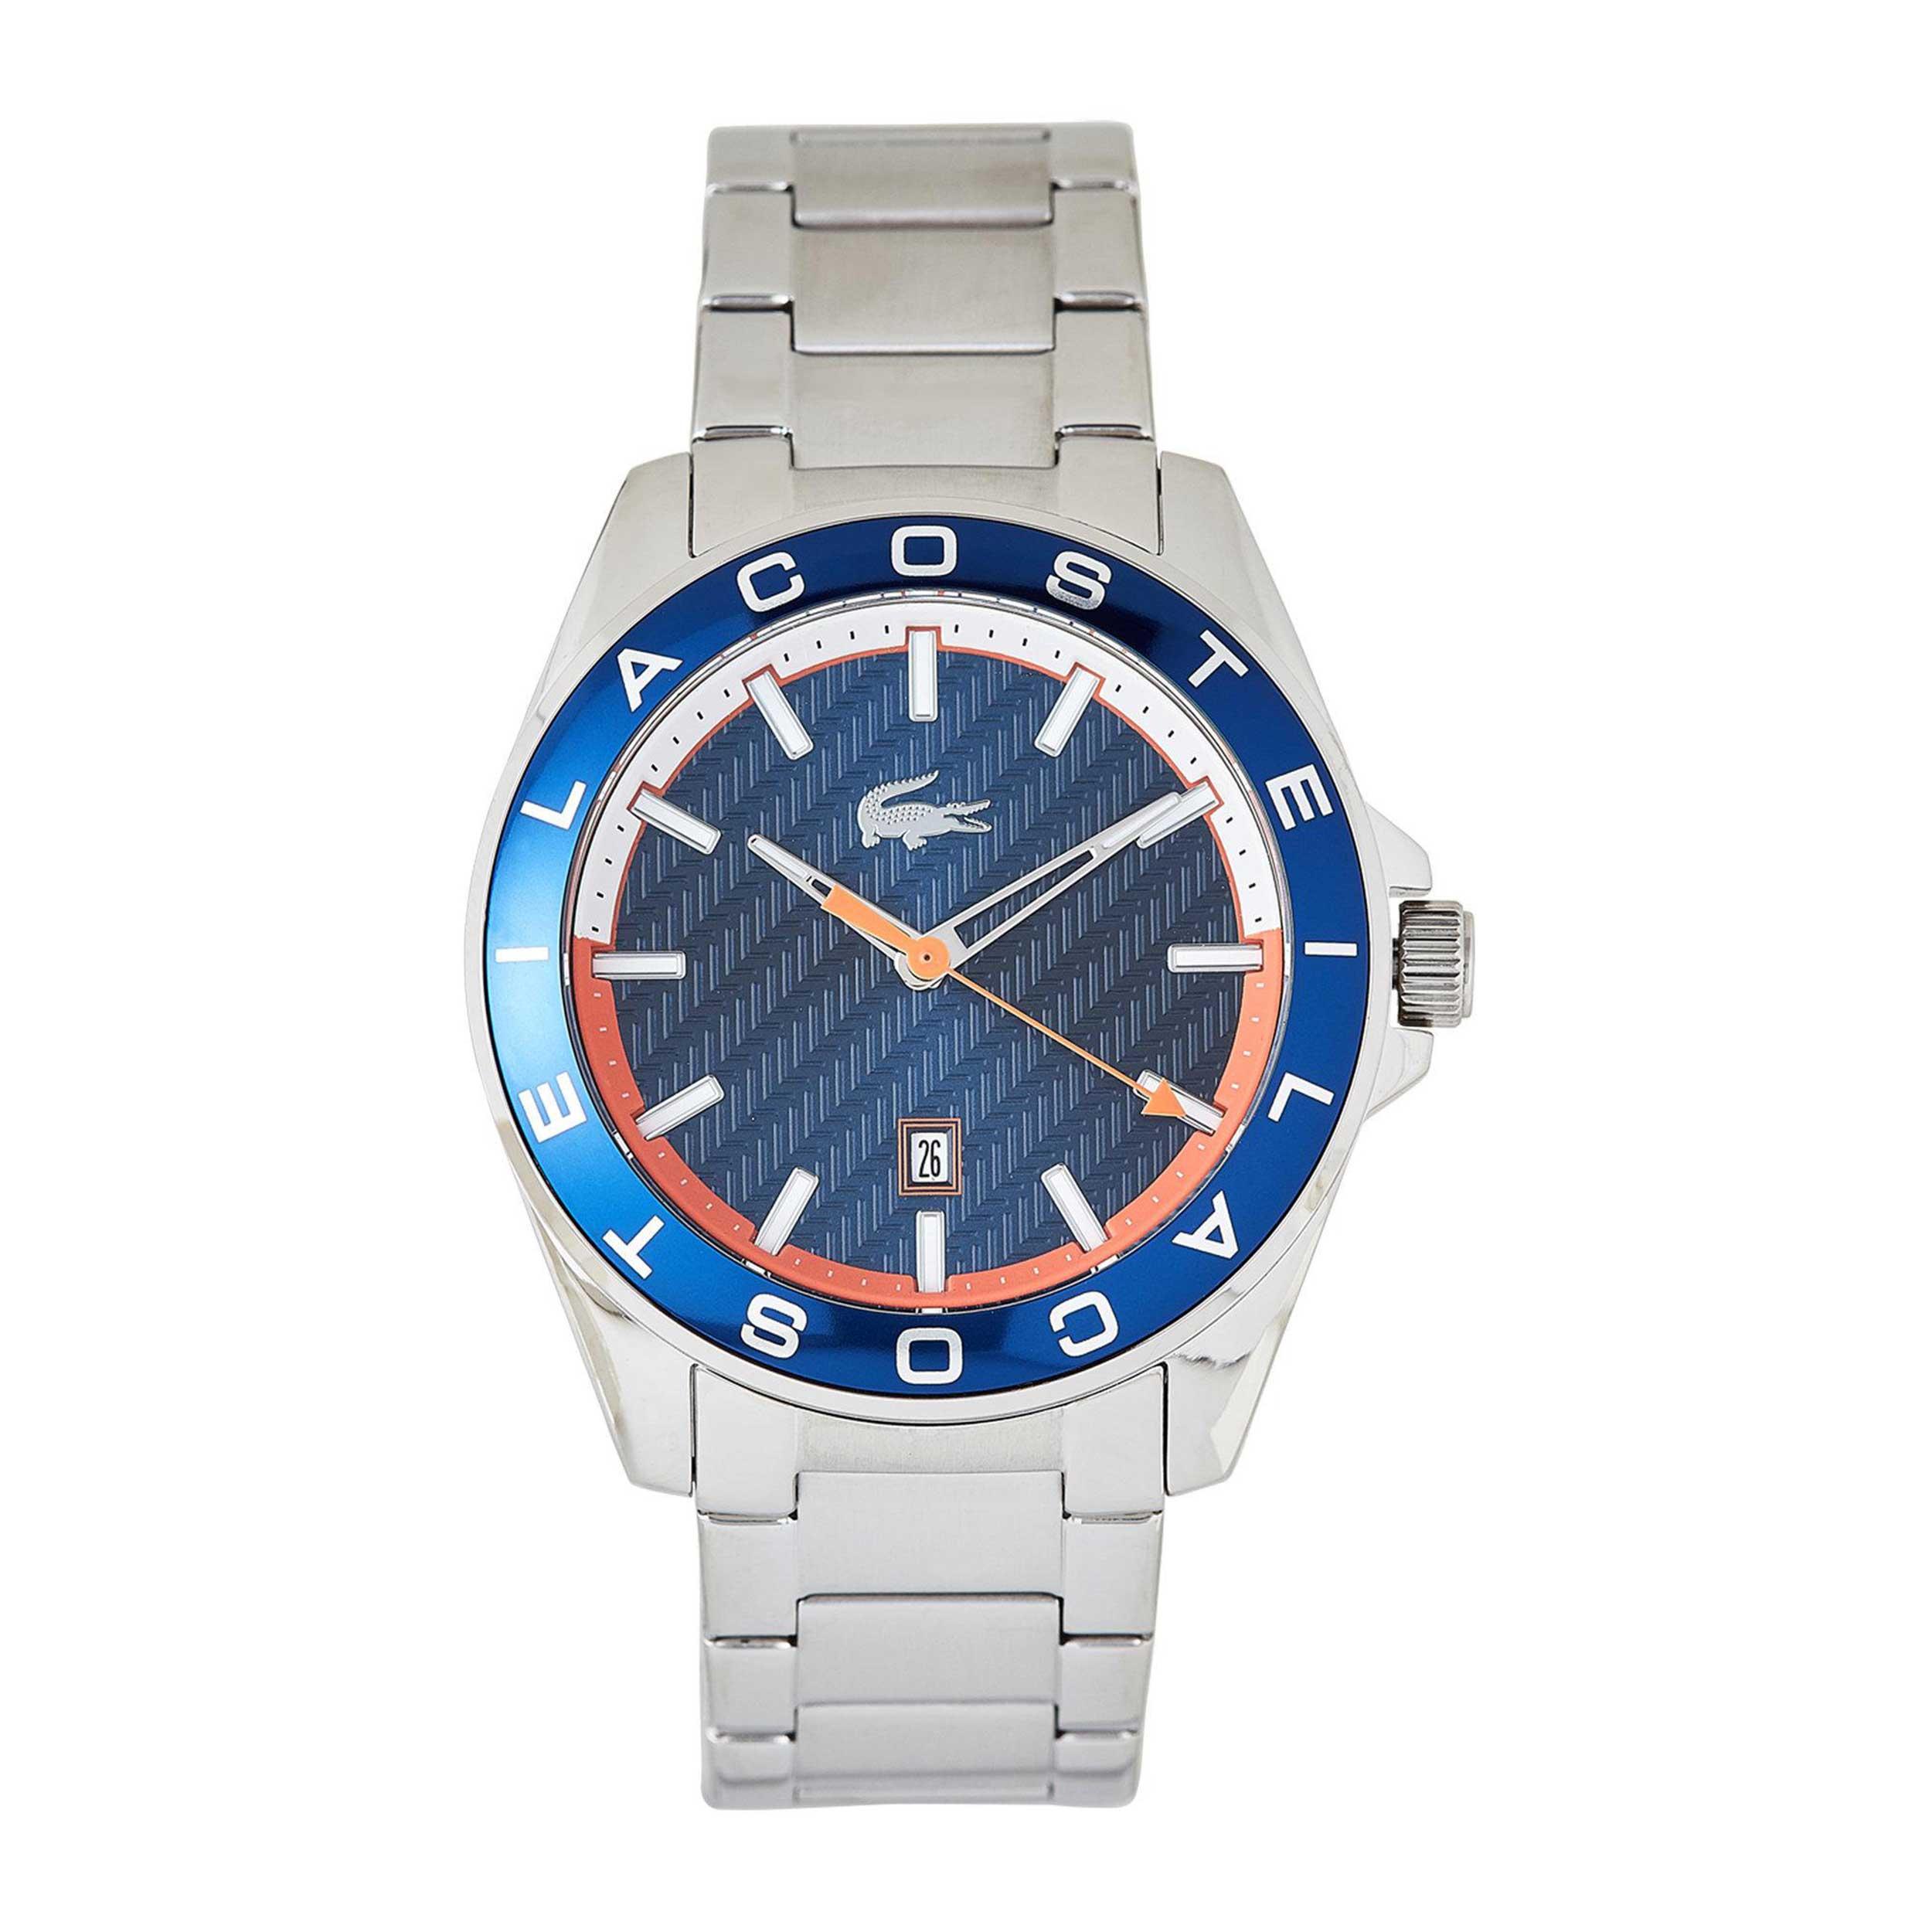 ساعت مچی عقربه ای مردانه لاگوست مدل 2010886              خرید (⭐️⭐️⭐️)